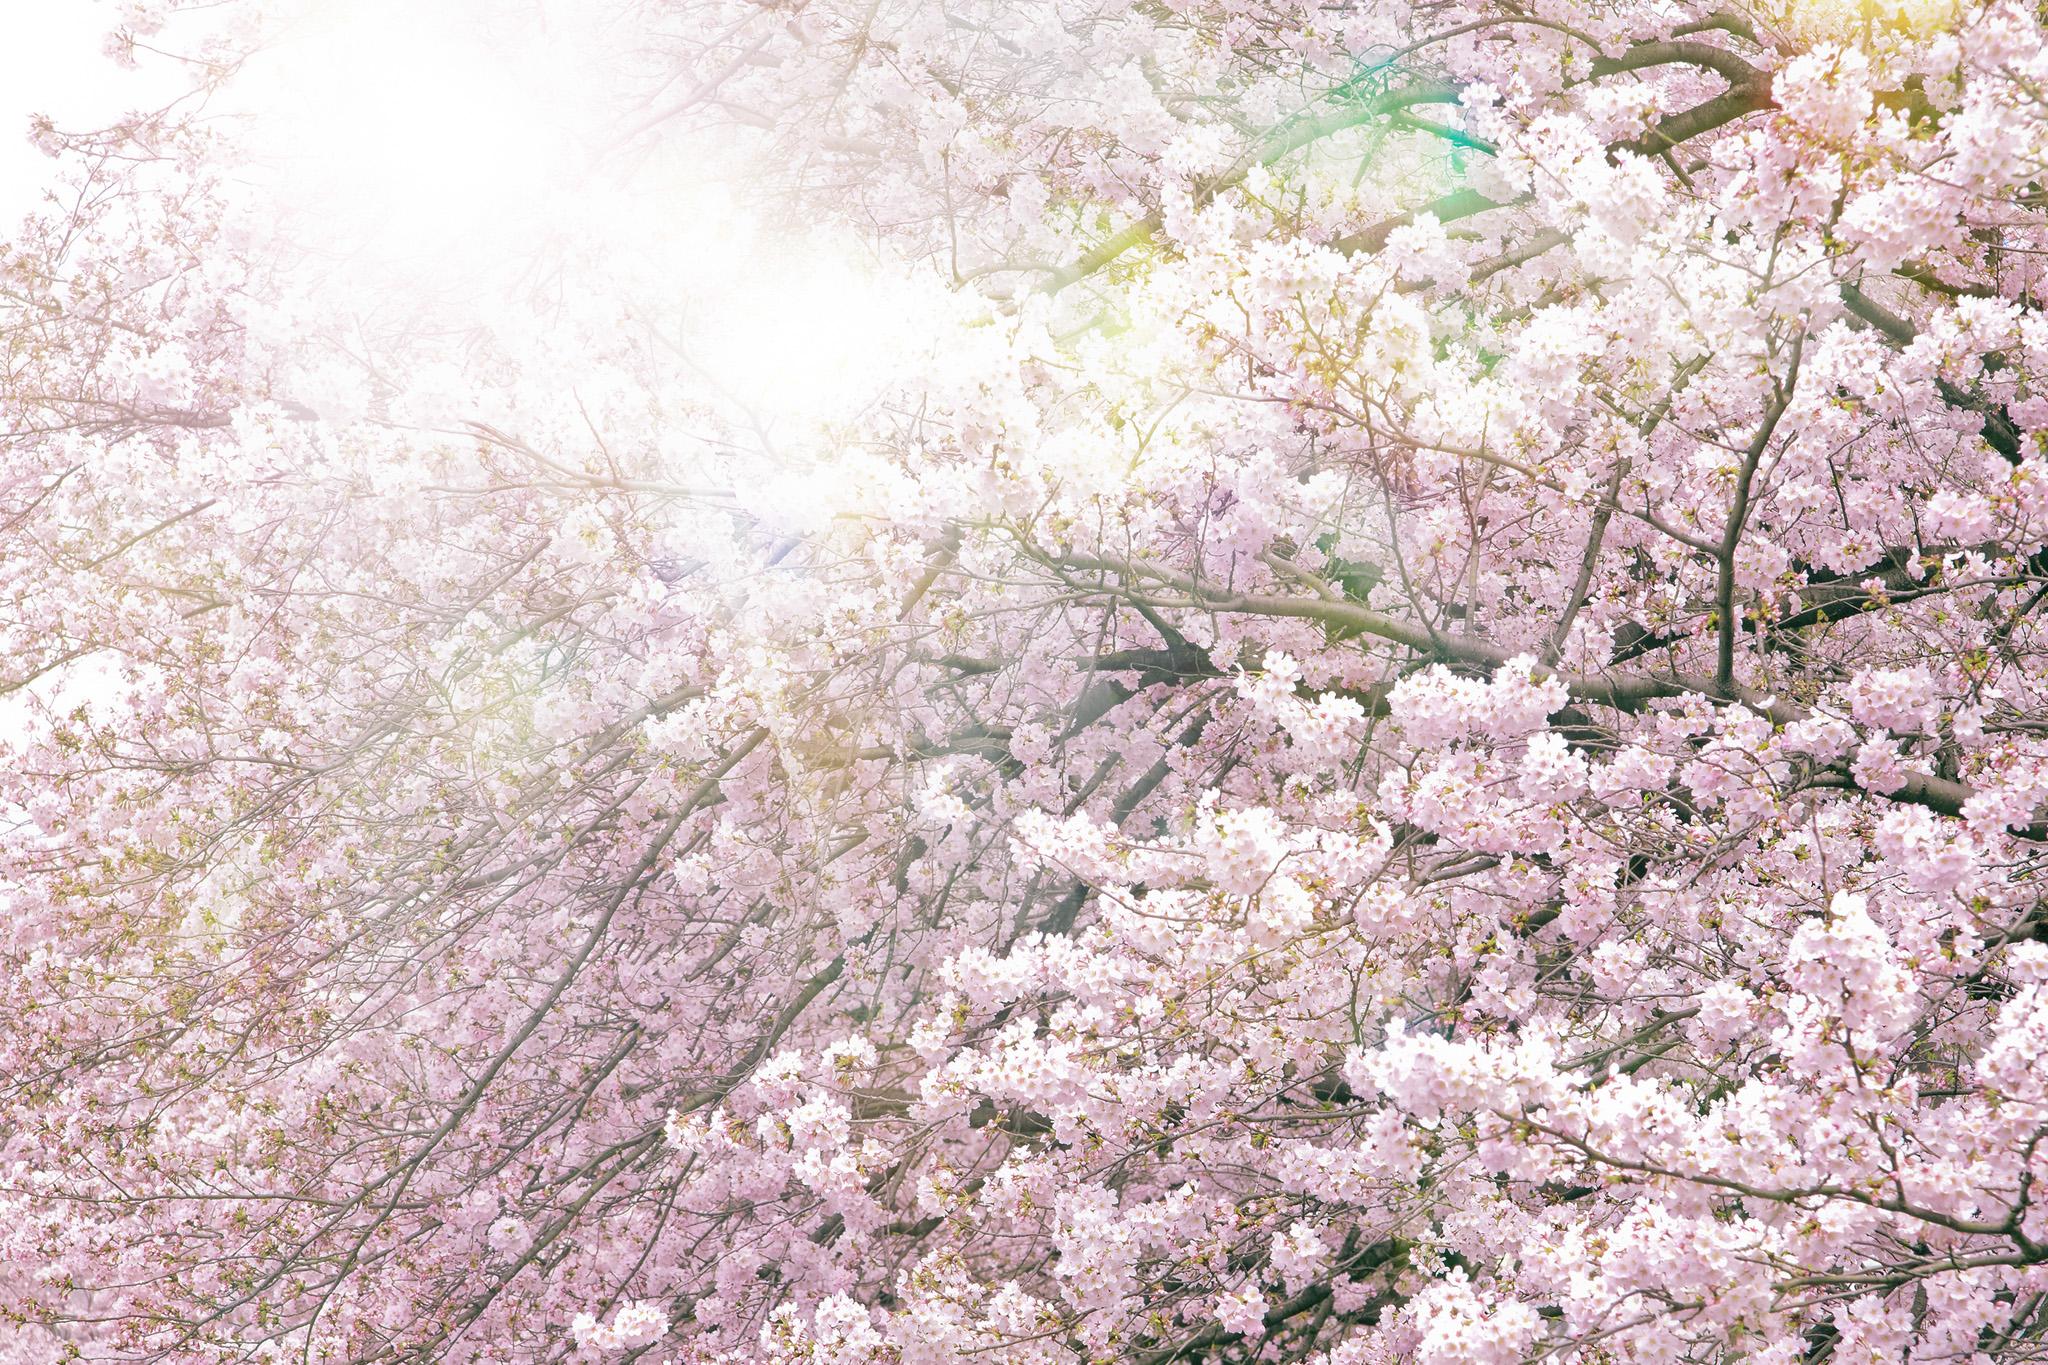 「満開の桜と眩い太陽の光」